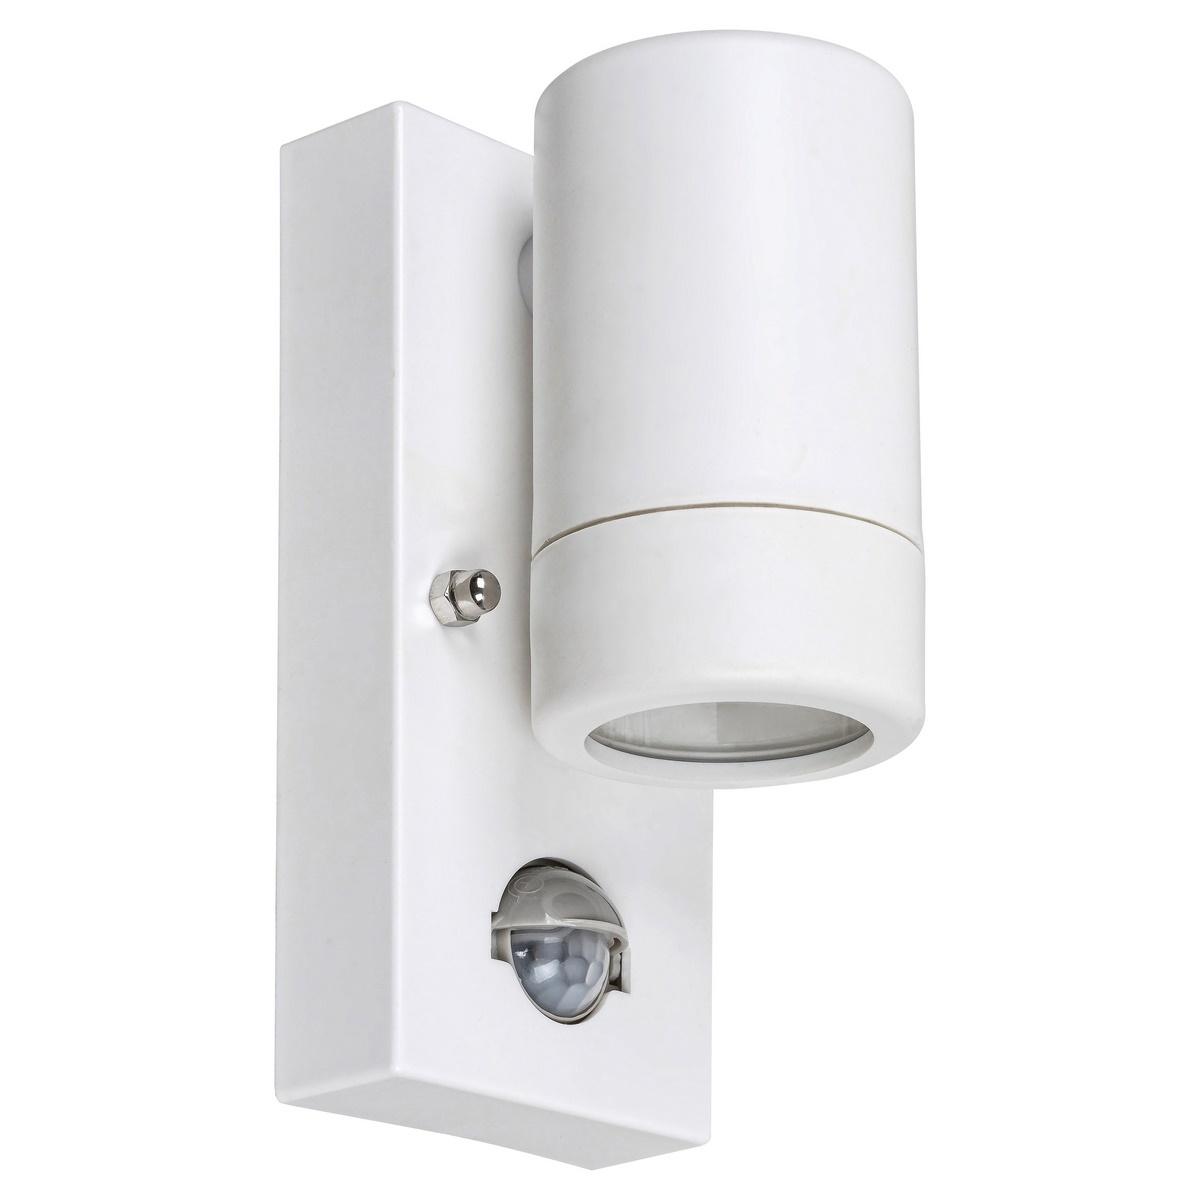 Rabalux 8838 Medina Venkovní nástěnné svítidlo, bílá